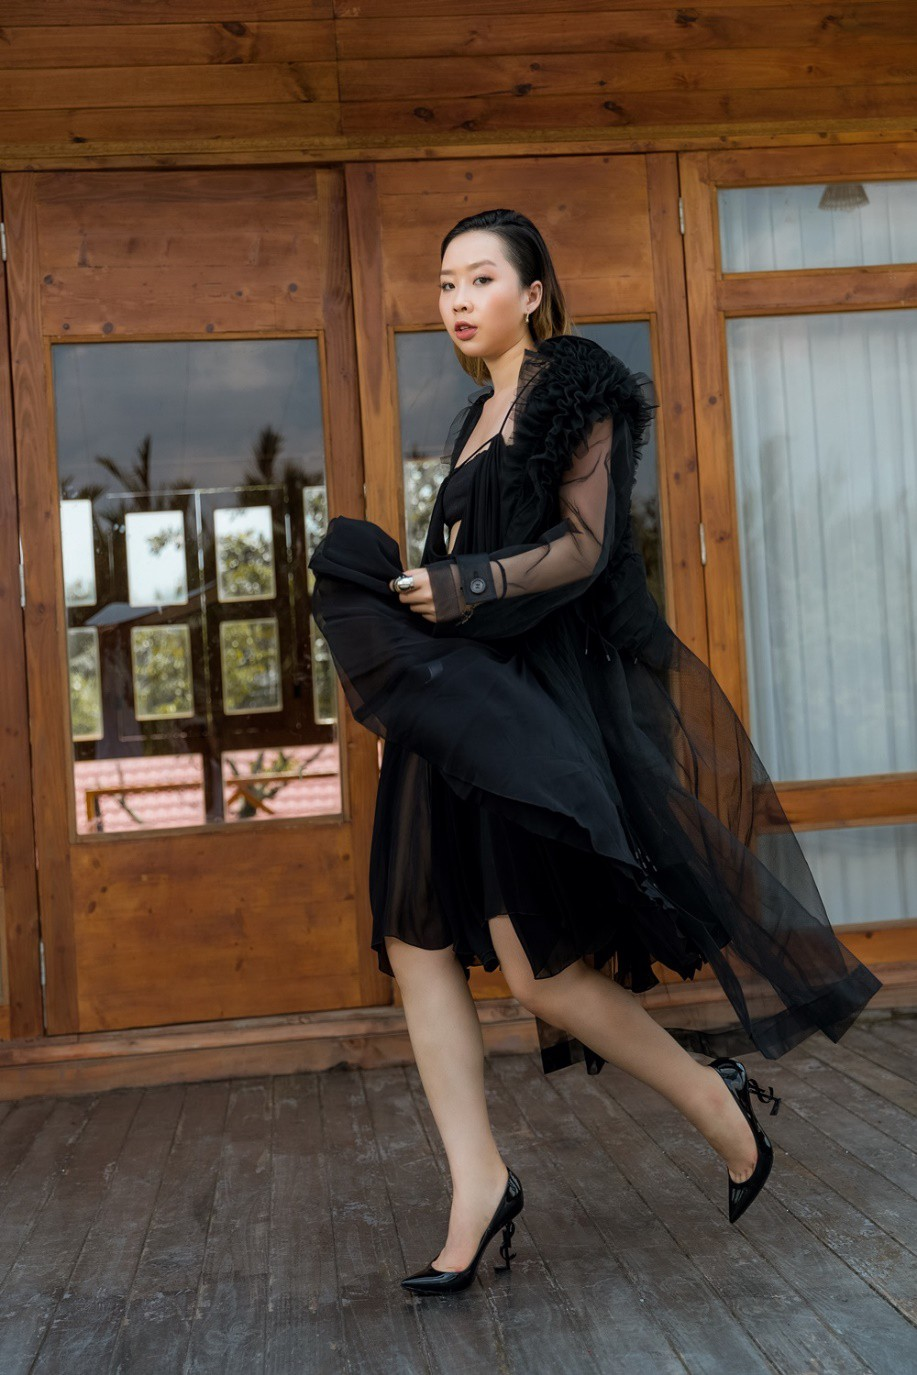 """Gặp gỡ cô nàng du học sinh """"mặc chất"""" như fashionista khiến NTK Văn Thành Công xao xuyến - Ảnh 9."""